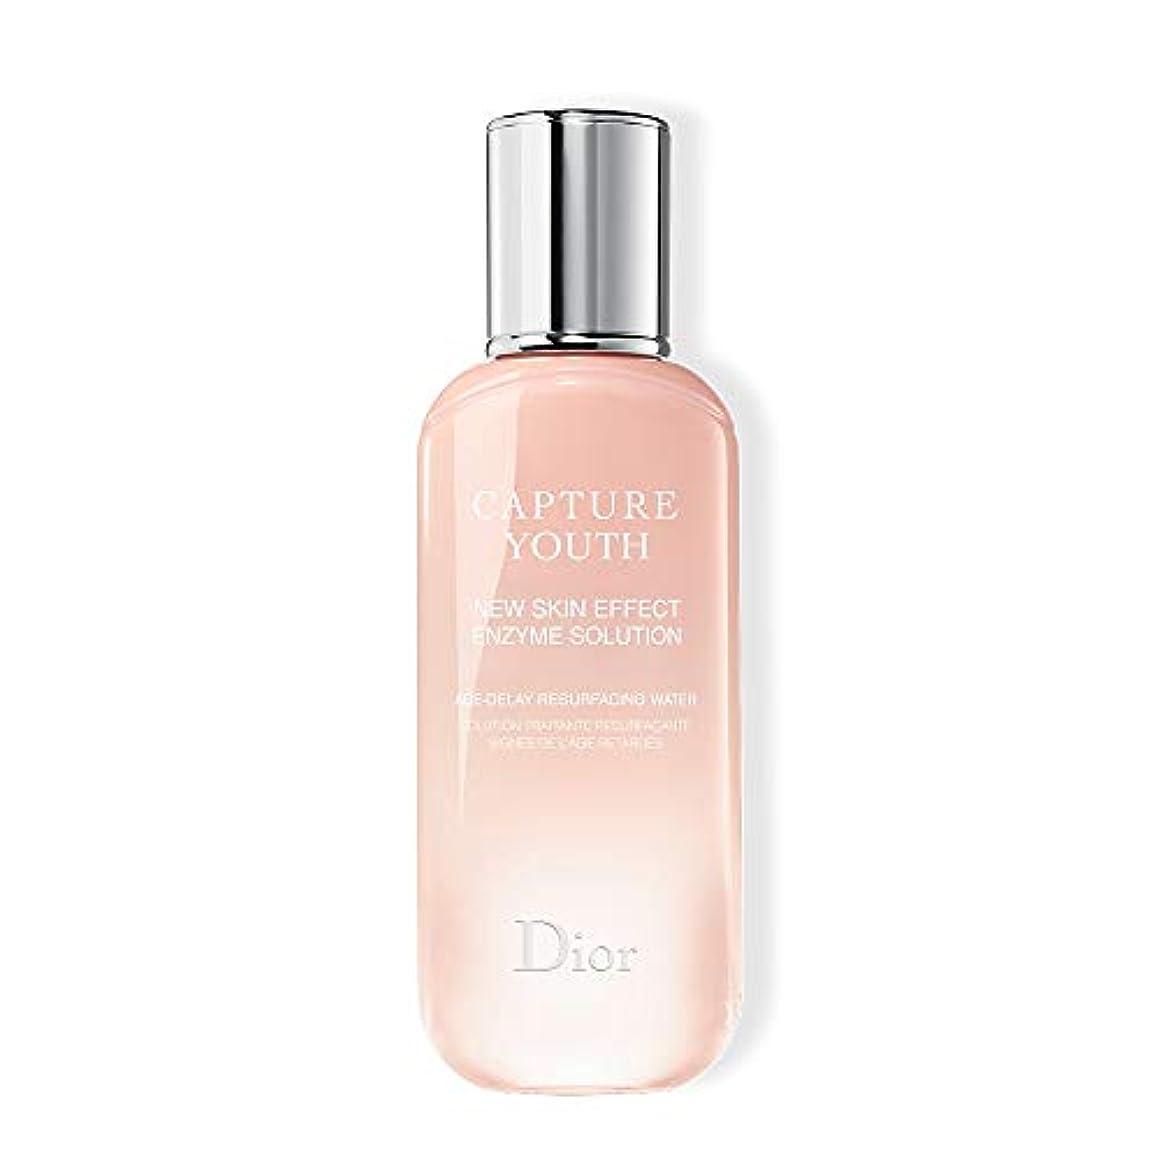 討論非効率的な予言するクリスチャンディオール Christian Dior カプチュール ユース エンザイム ソリューション 150mL [並行輸入品]